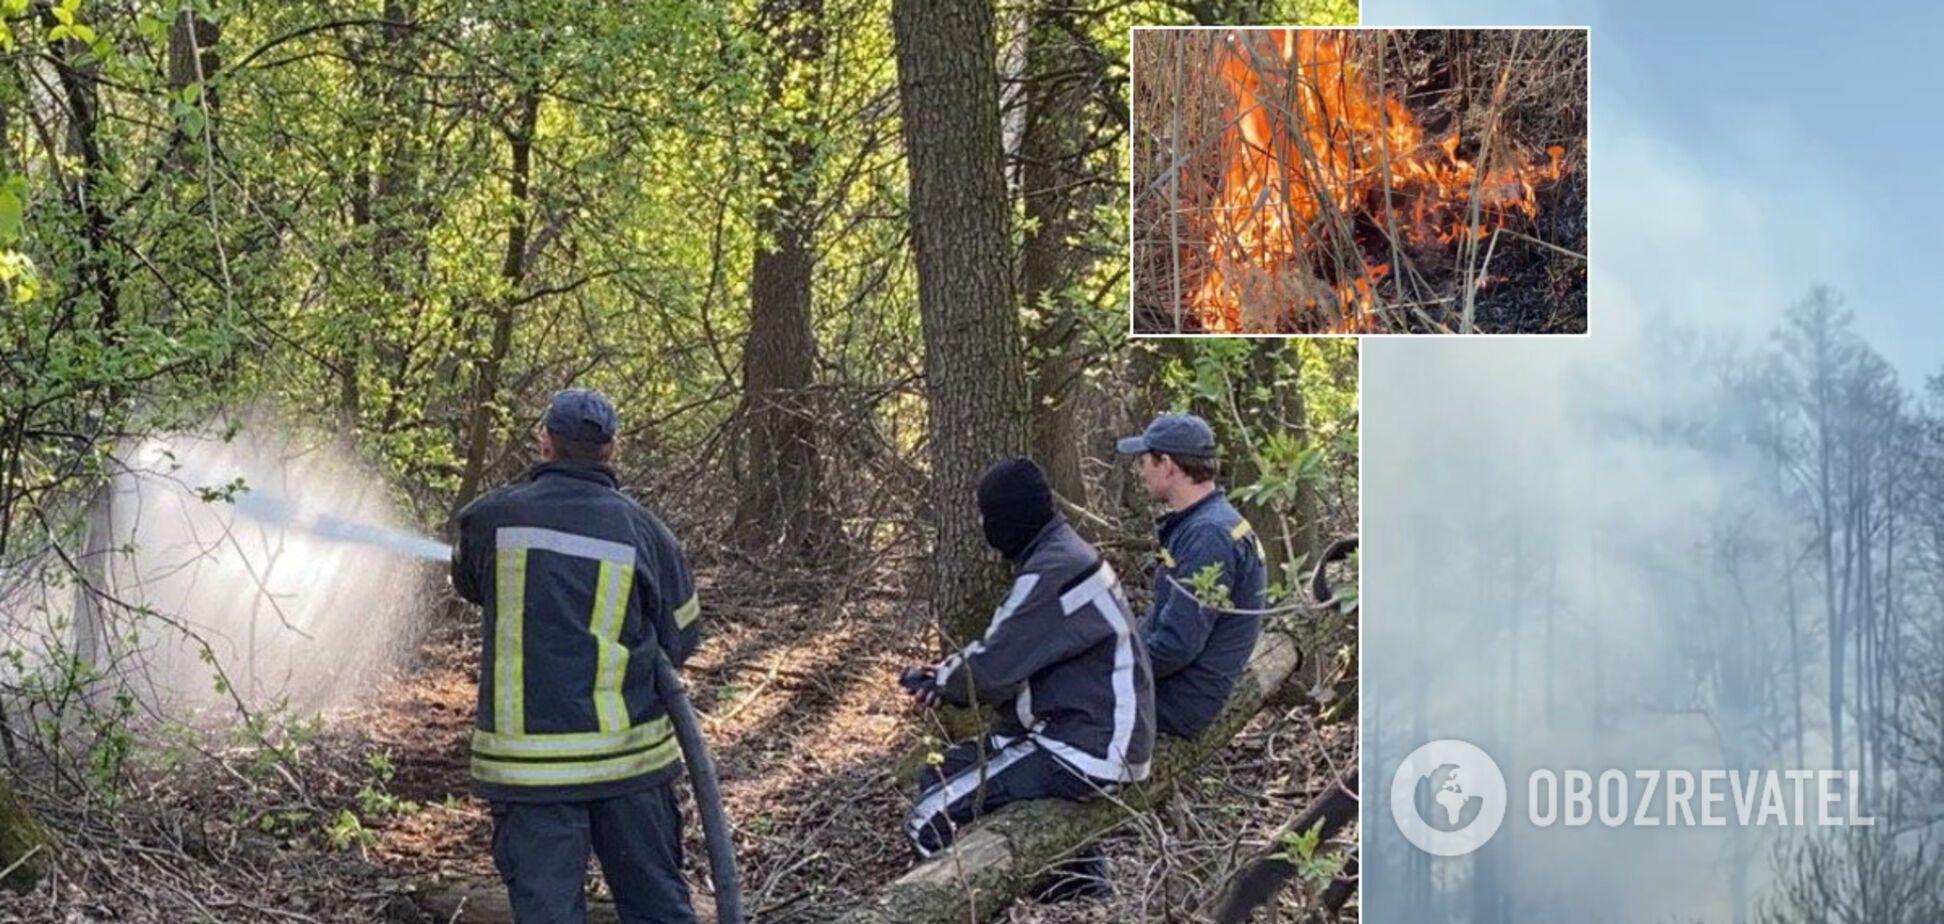 Під Києвом палій влаштував потужну пожежу: гасять рятувальники і місцеві жителі. Фото і відео вогненної стихії